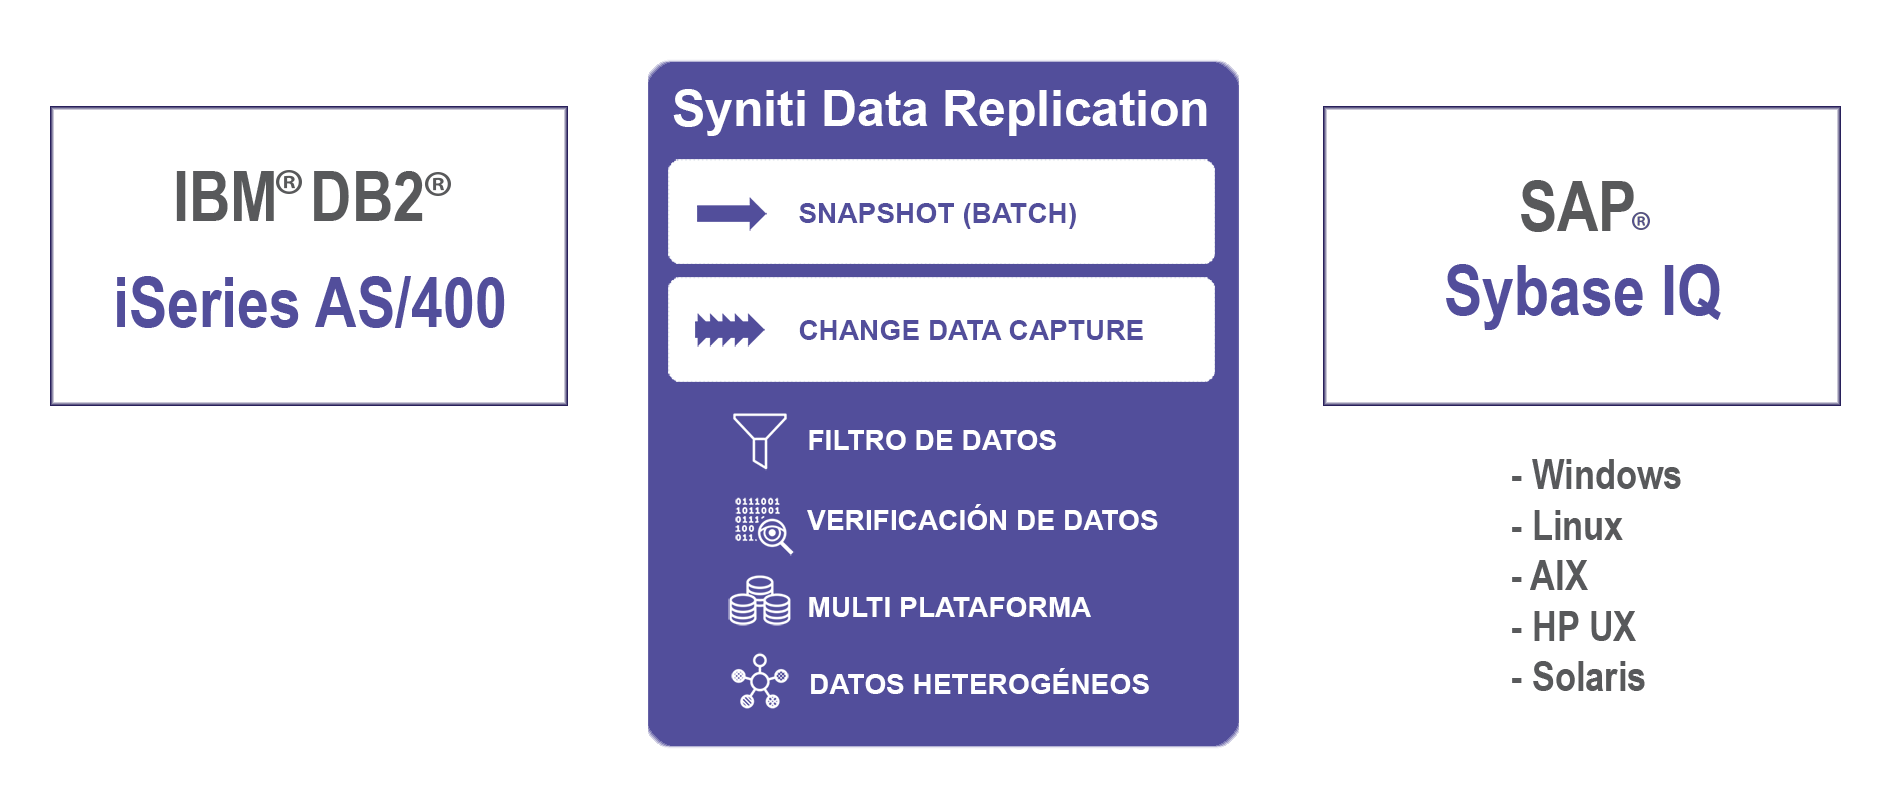 Replicacion de datos DB2 AS400 a SAP Sybase IQ